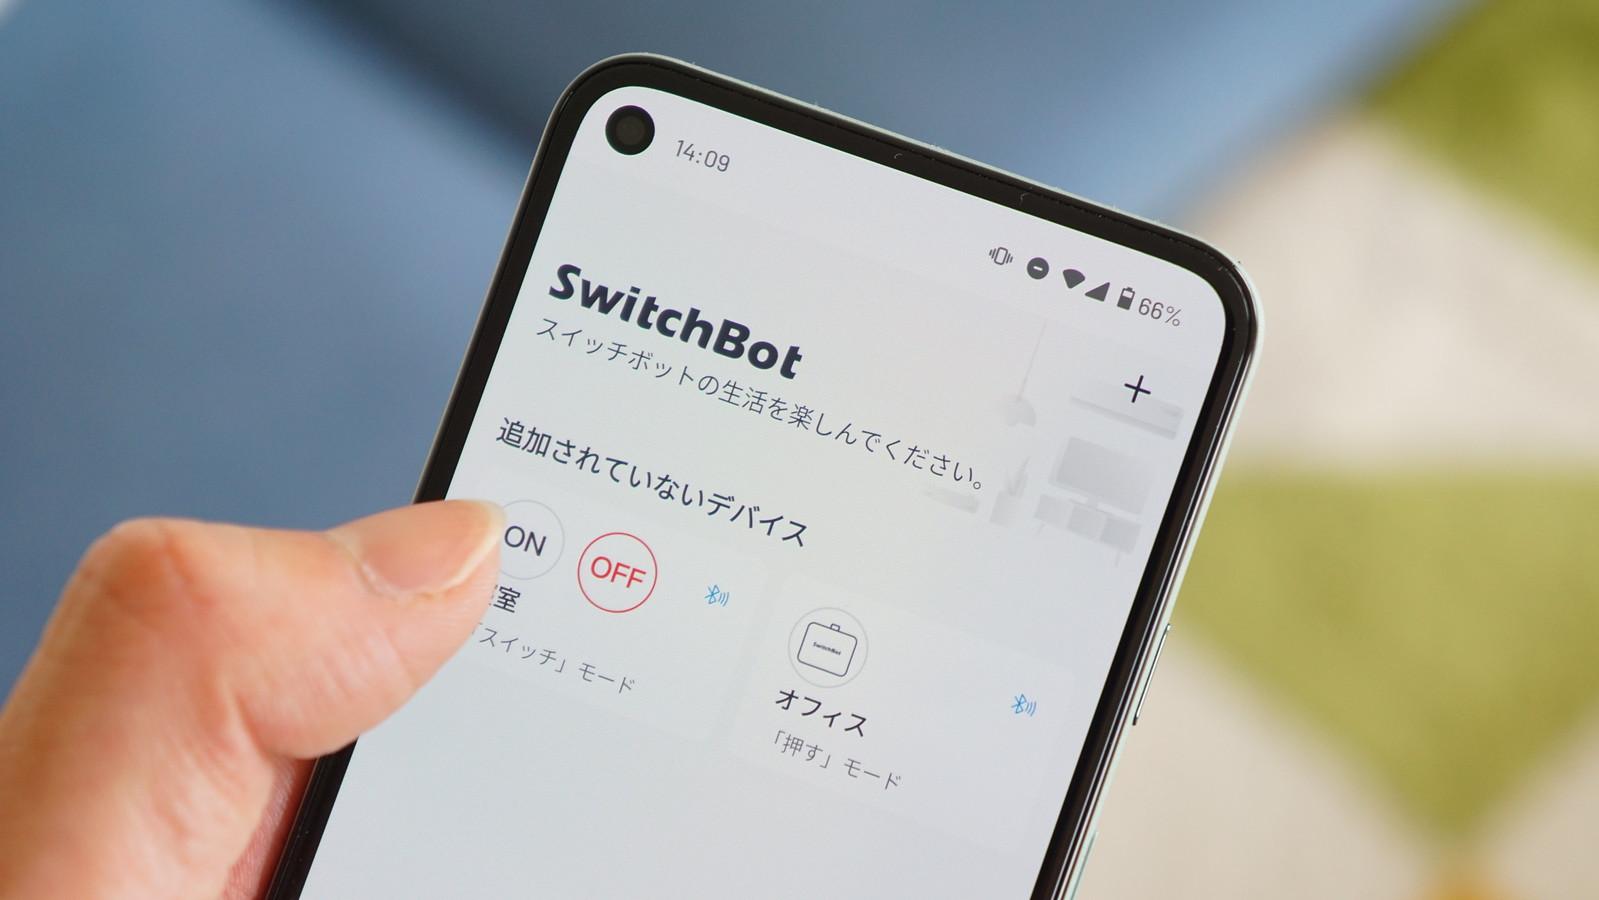 SwitchBotに必要なもの